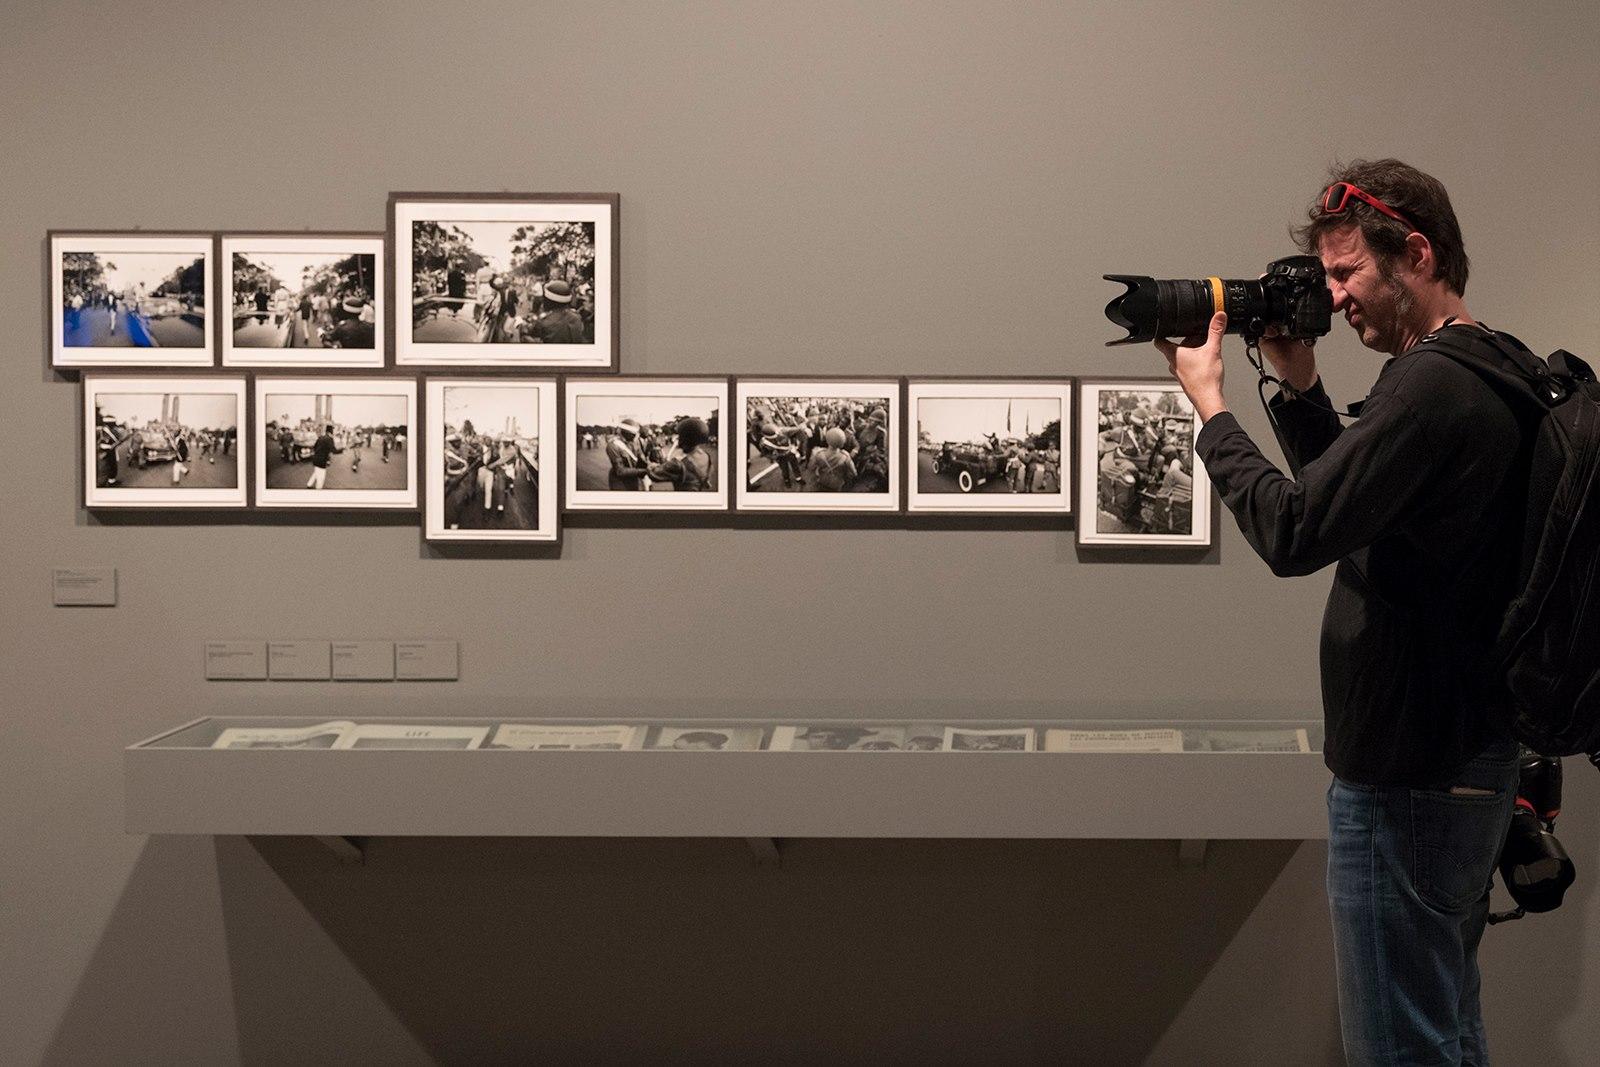 Nueva exposición en Madrid: 'Cien años de fotografía Leica'